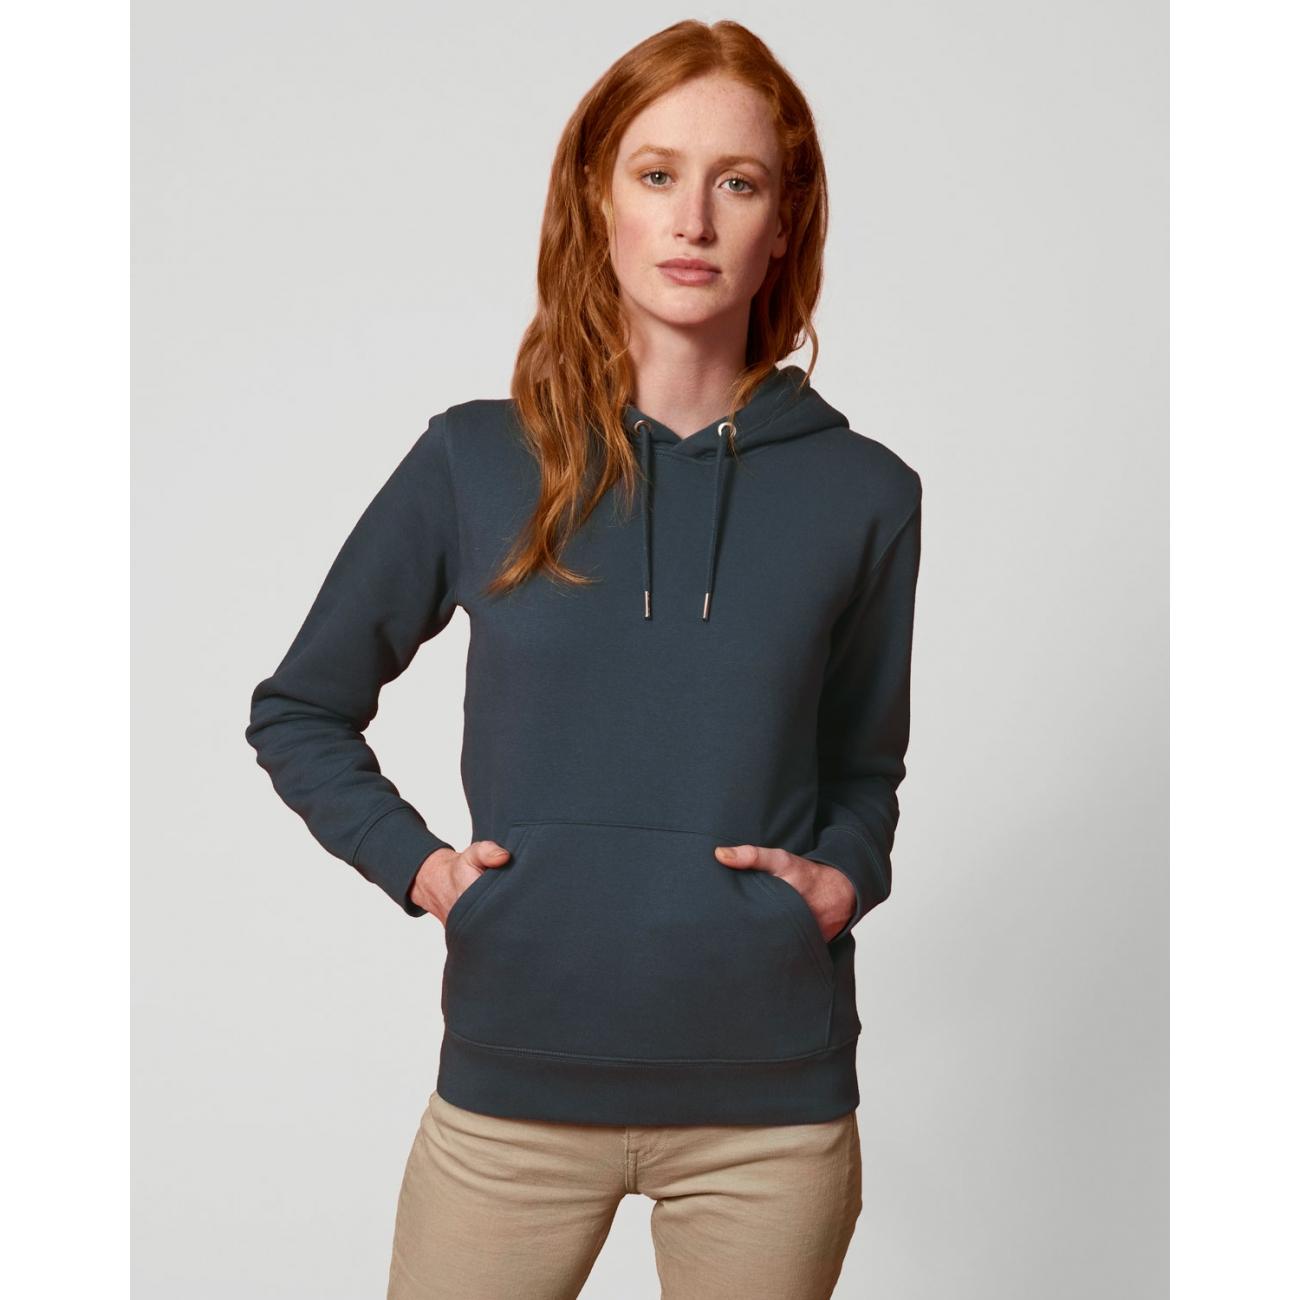 https://tee-shirt-bio.com/10073-thickbox_default/sweat-shirt-femme-capuche-epais-et-interieur-doux-coton-bio-gris-indien.jpg